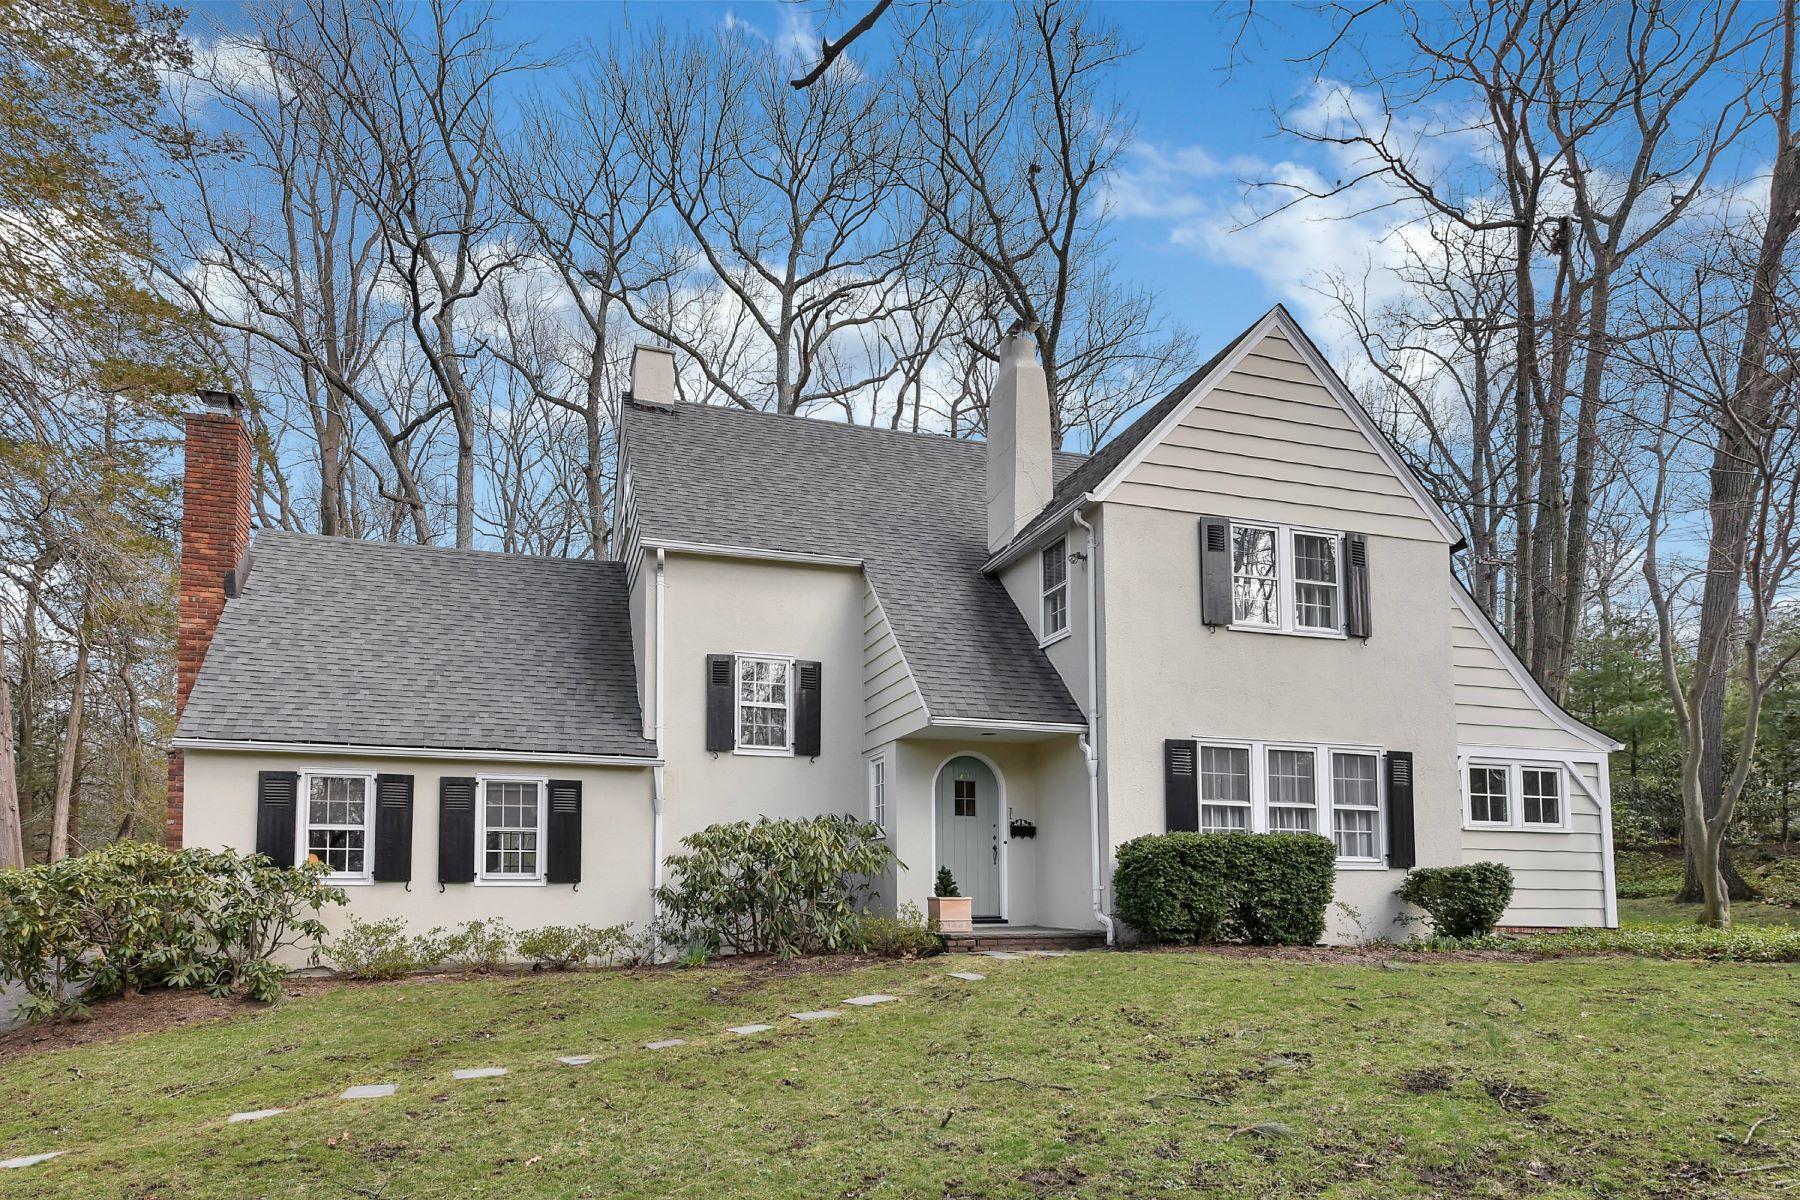 Частный односемейный дом для того Продажа на Lovely Englewood Colonial! 231 Davison Place, Englewood, Нью-Джерси, 07631 Соединенные Штаты